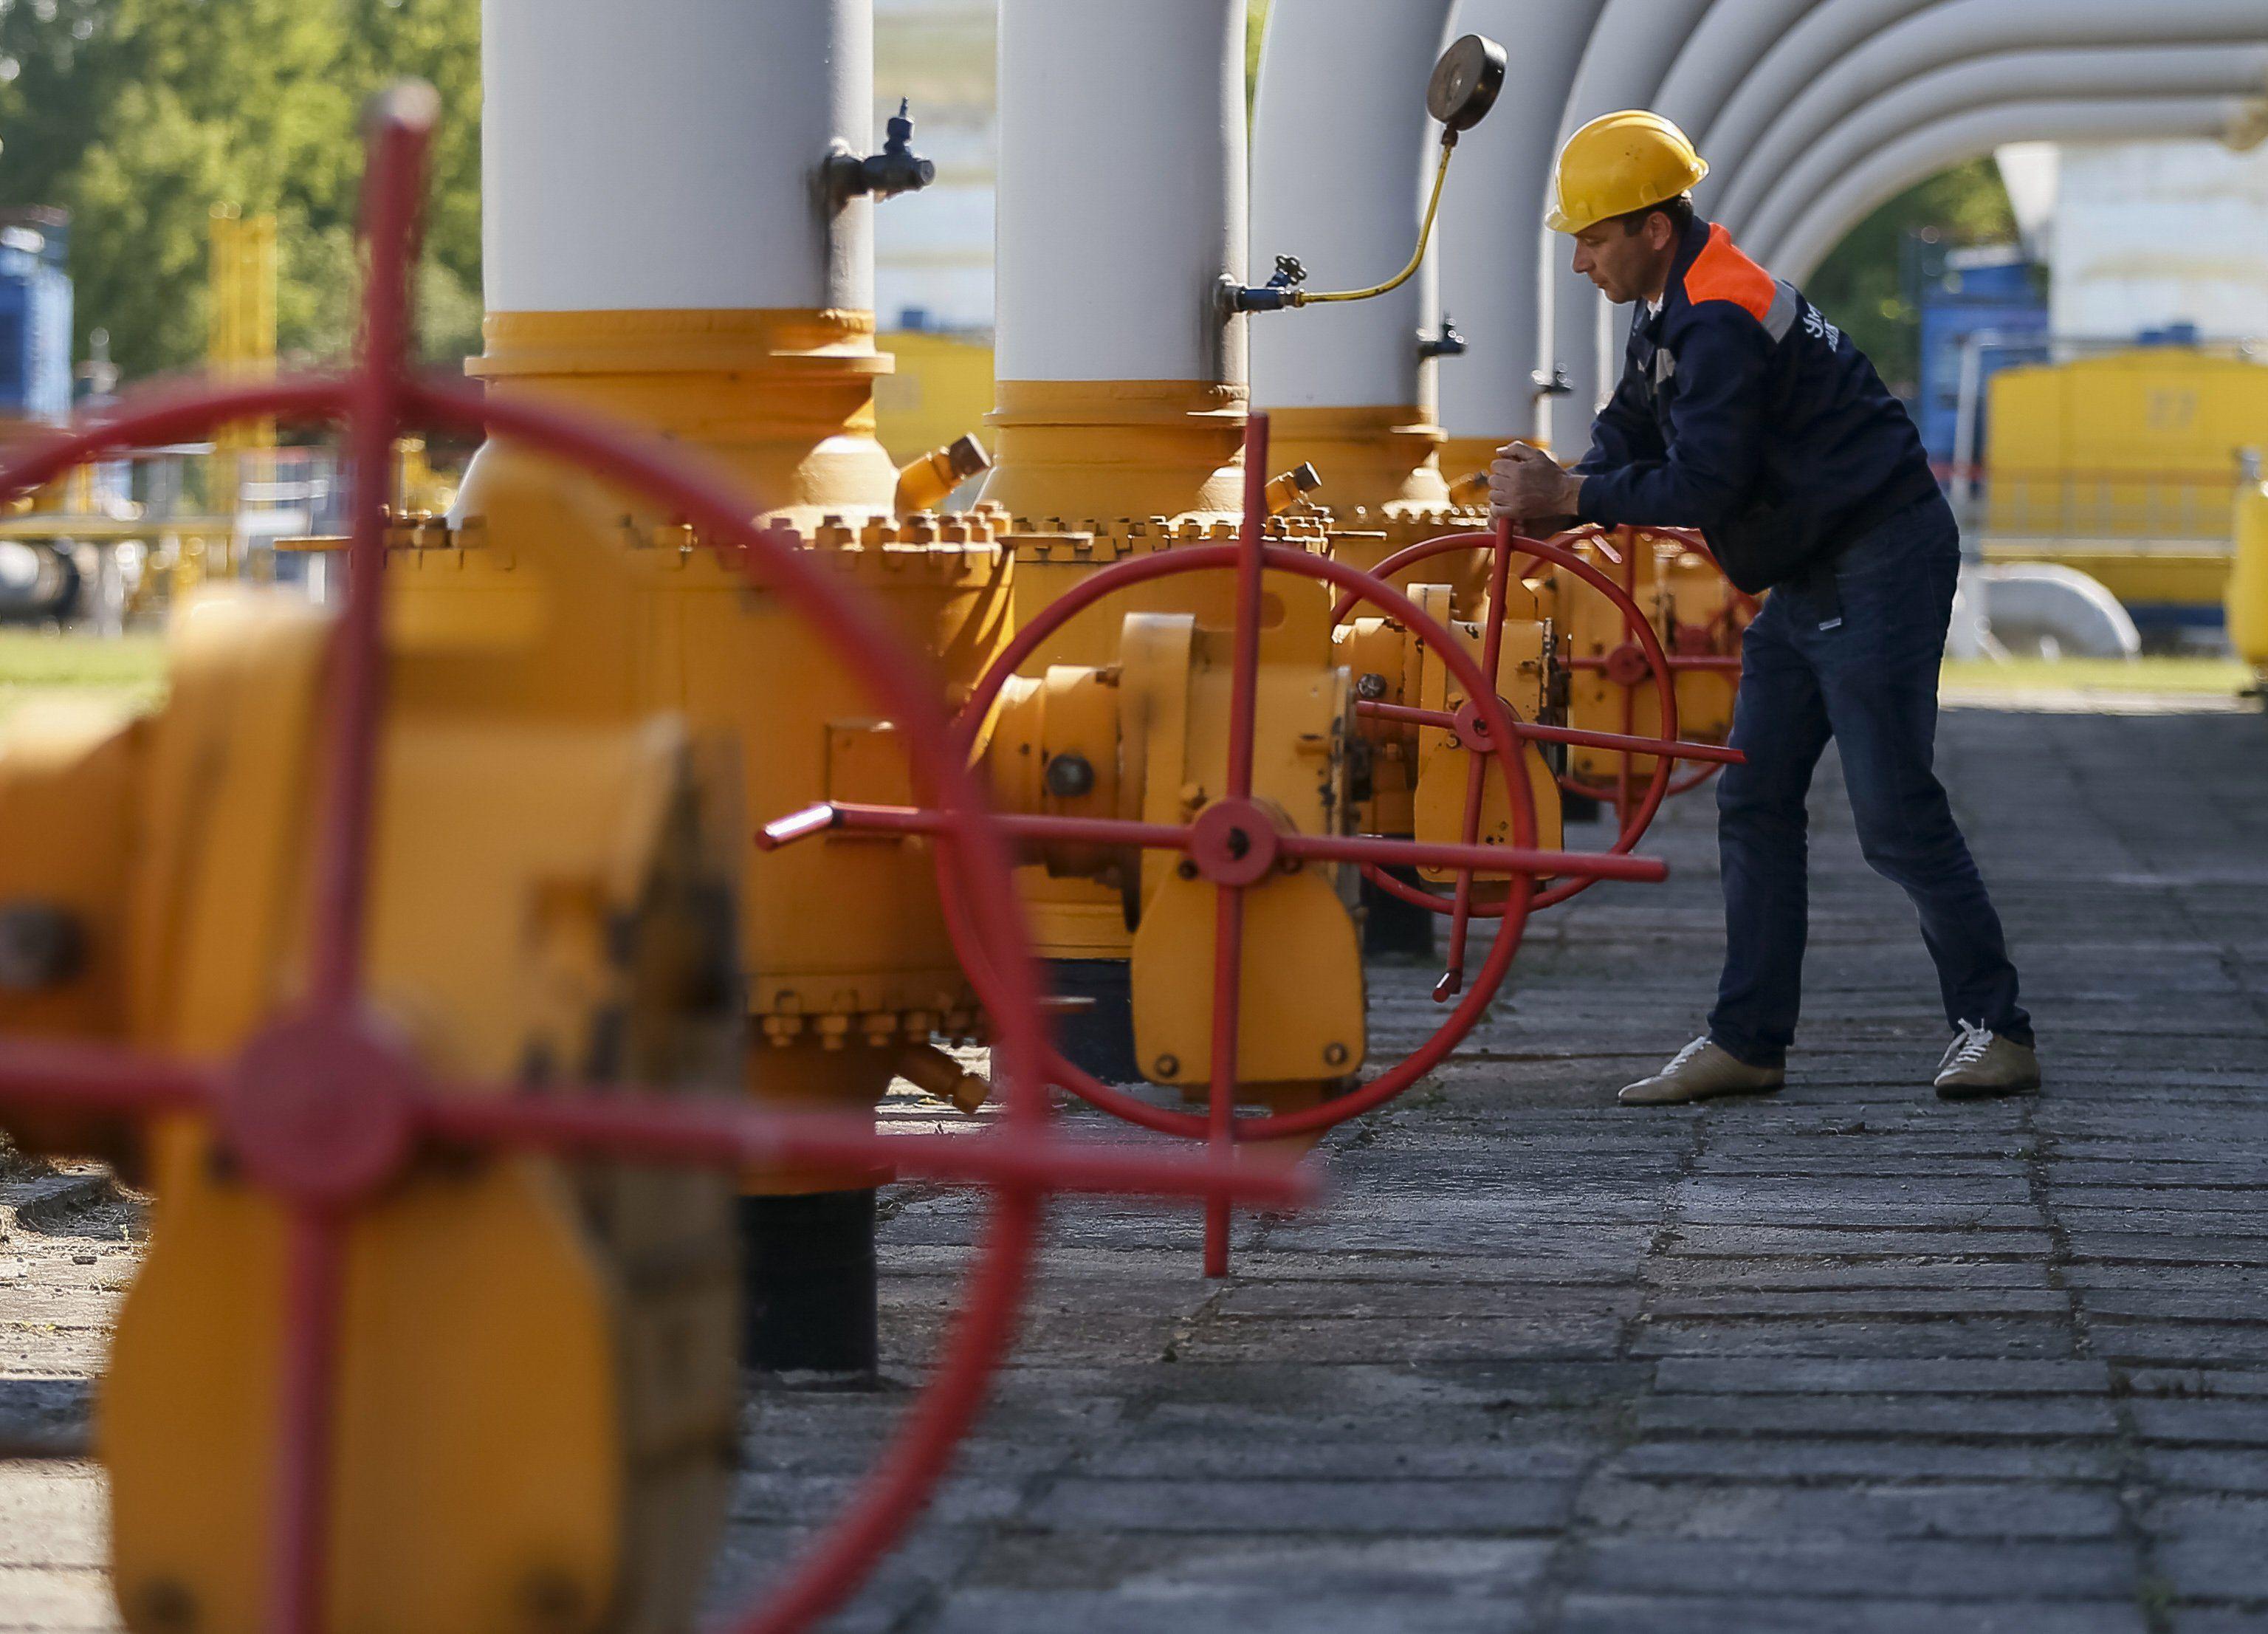 Европа выбрала новый приоритетный проект газопровода